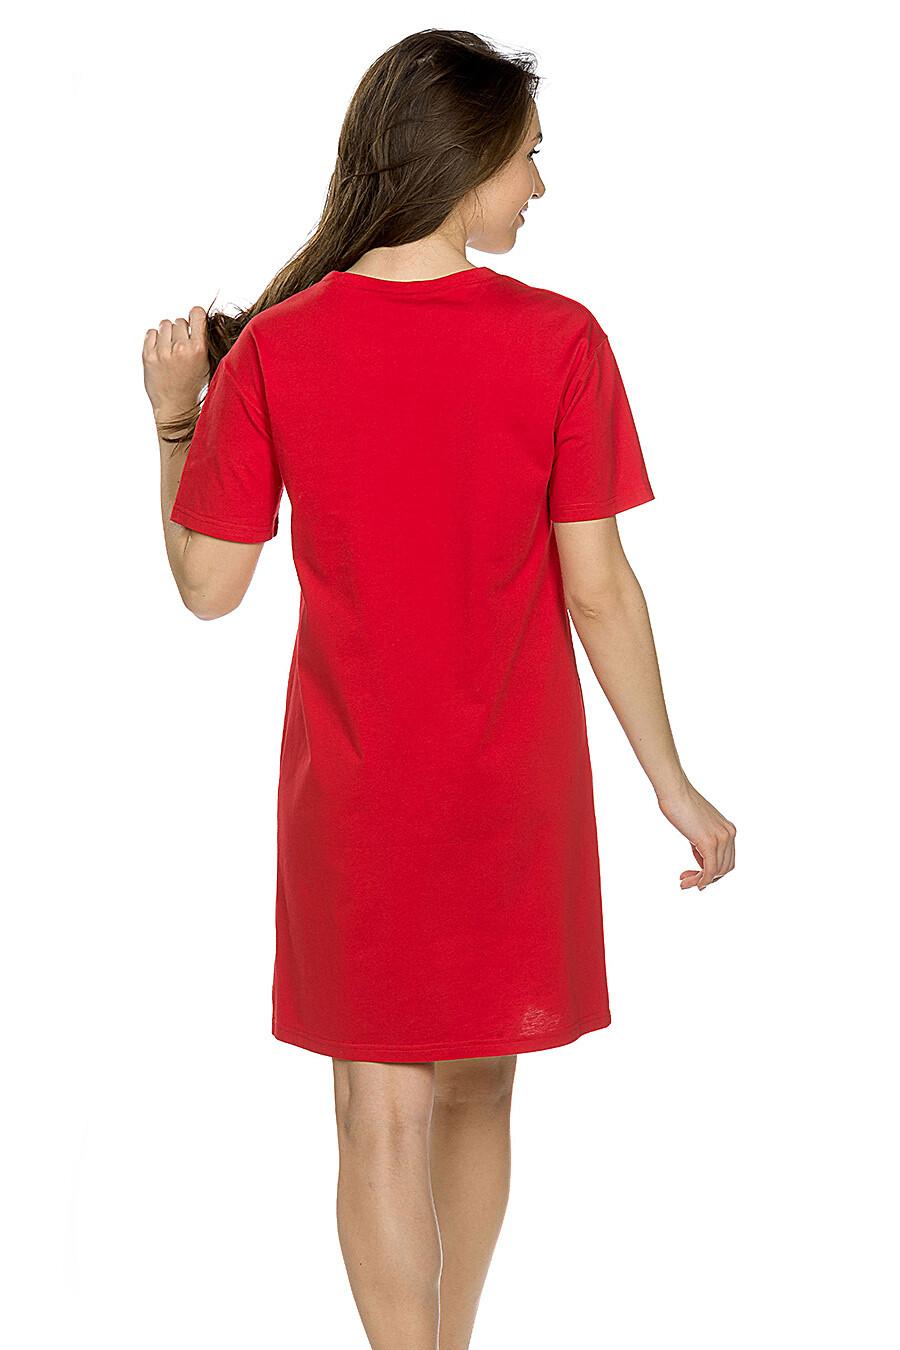 Платье для женщин PELICAN 146759 купить оптом от производителя. Совместная покупка женской одежды в OptMoyo